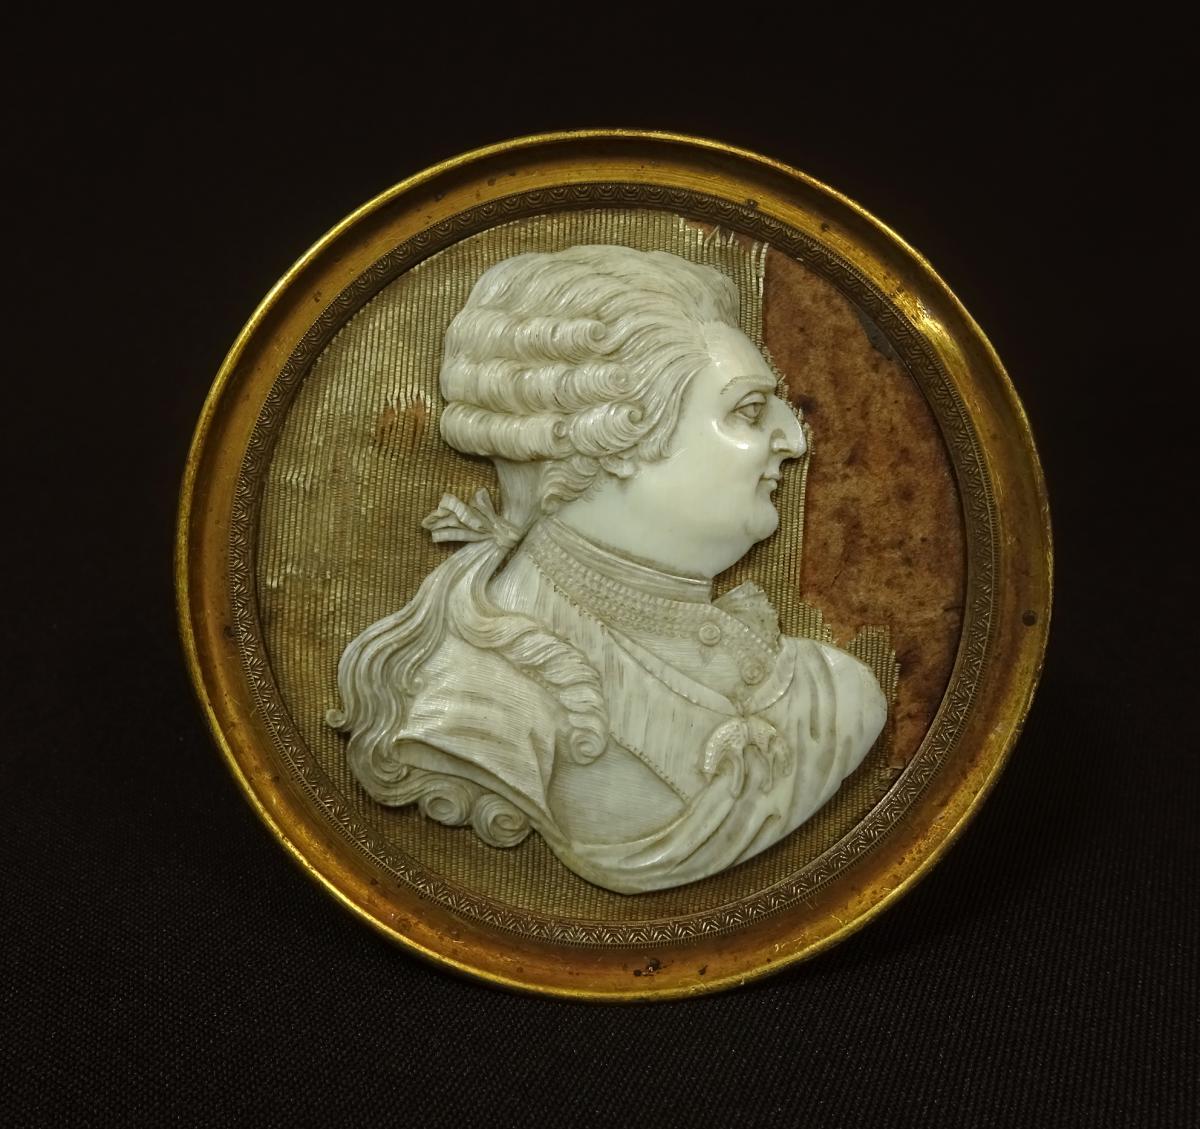 LOUIS XVI ROI de FRANCE, PROFIL MEDAILLON du SOUVERAIN en IVOIRE SCULPTE, XVIIIeme SIECLE